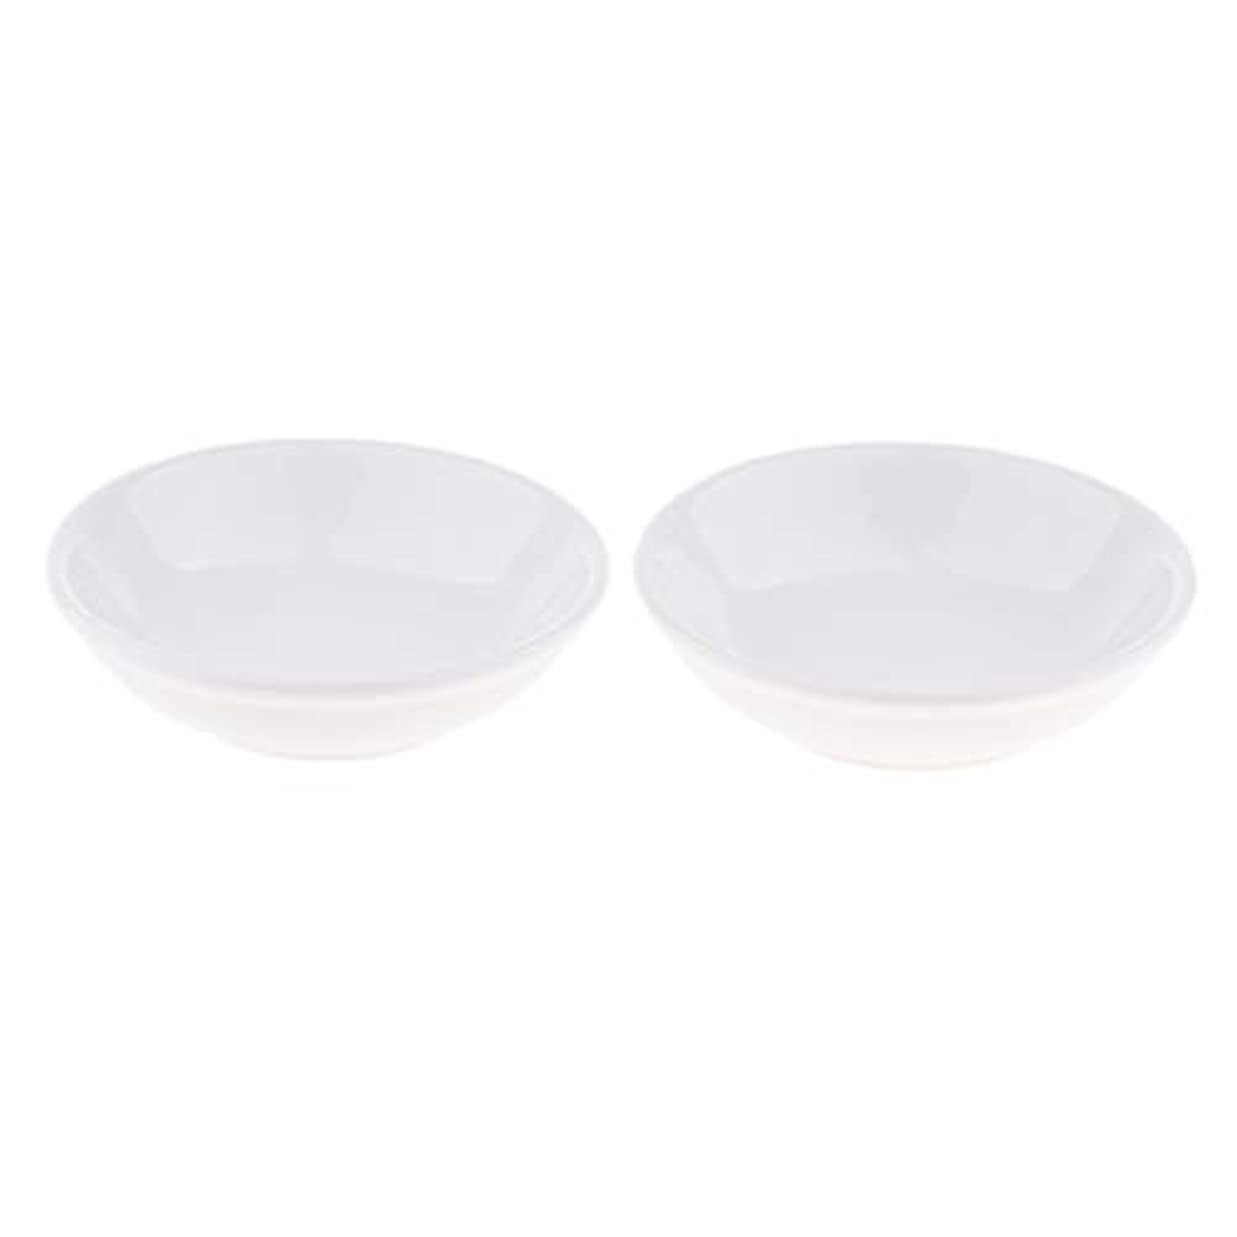 F Fityle 2個 交換用ディッシュ 皿 取り替え皿 セラミック 円形 オイルウォーマー 白